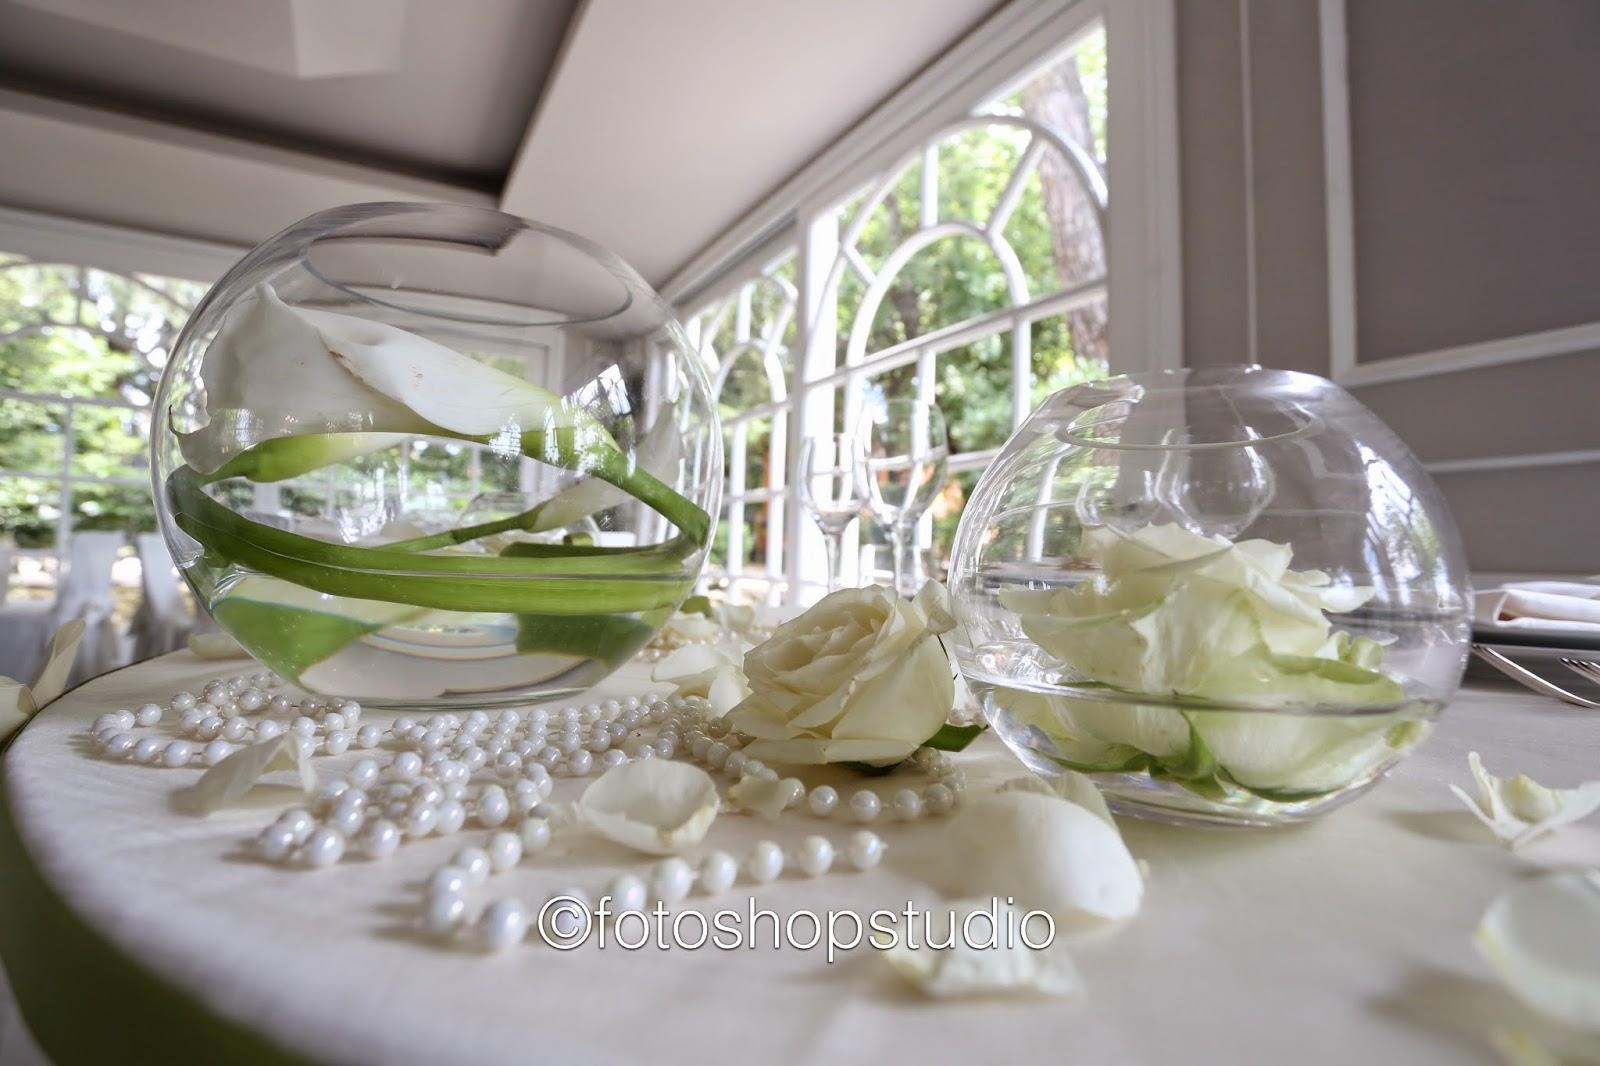 Felici contenti organizzazione eventi e matrimoni - Ikea centrotavola ...